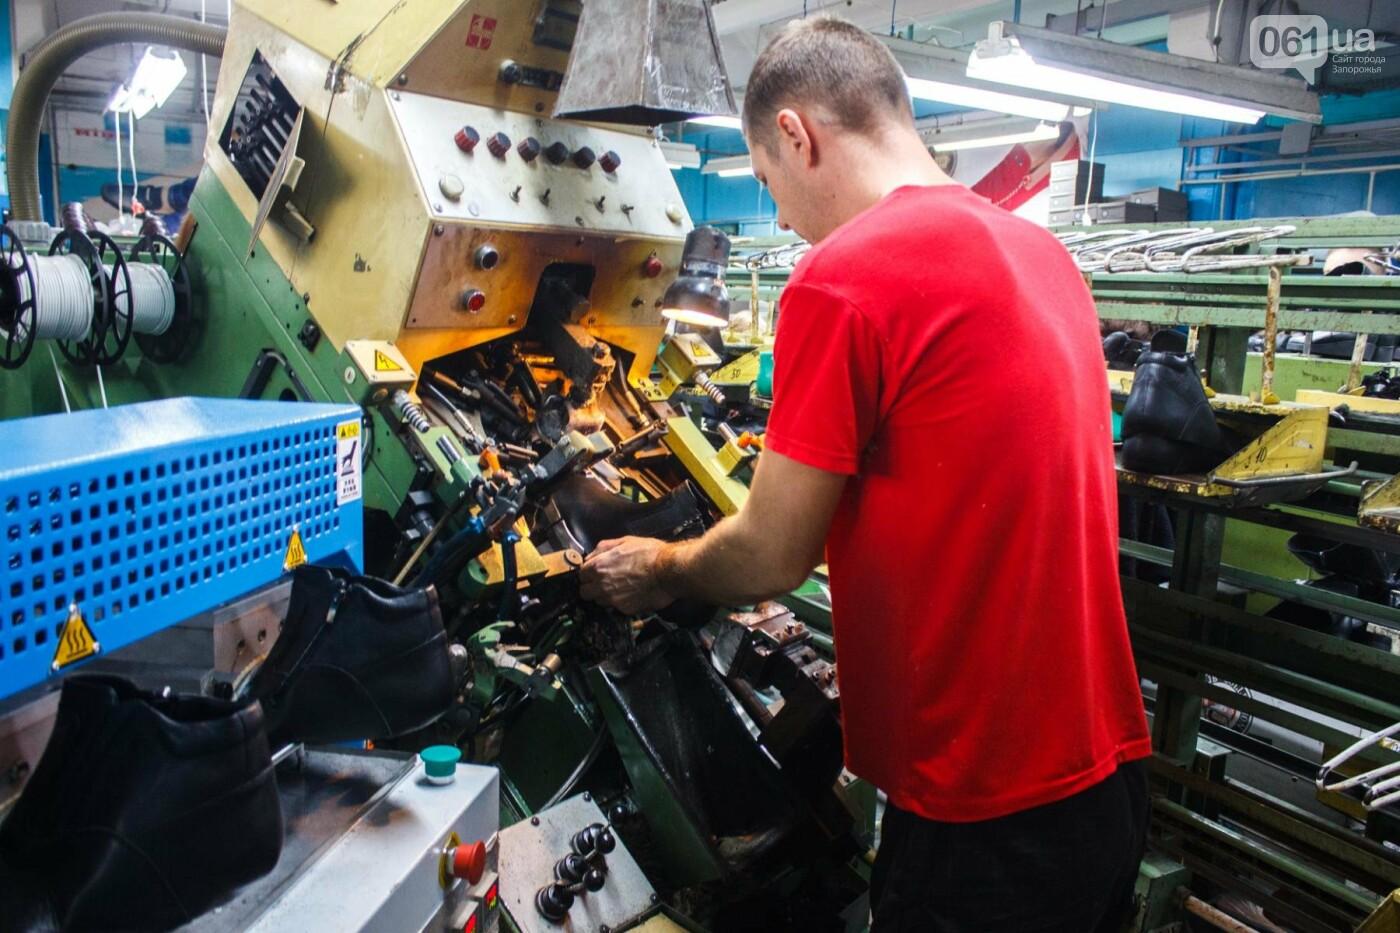 Как создается обувь: экскурсия на запорожскую обувную фабрику, – ФОТОРЕПОРТАЖ, фото-55